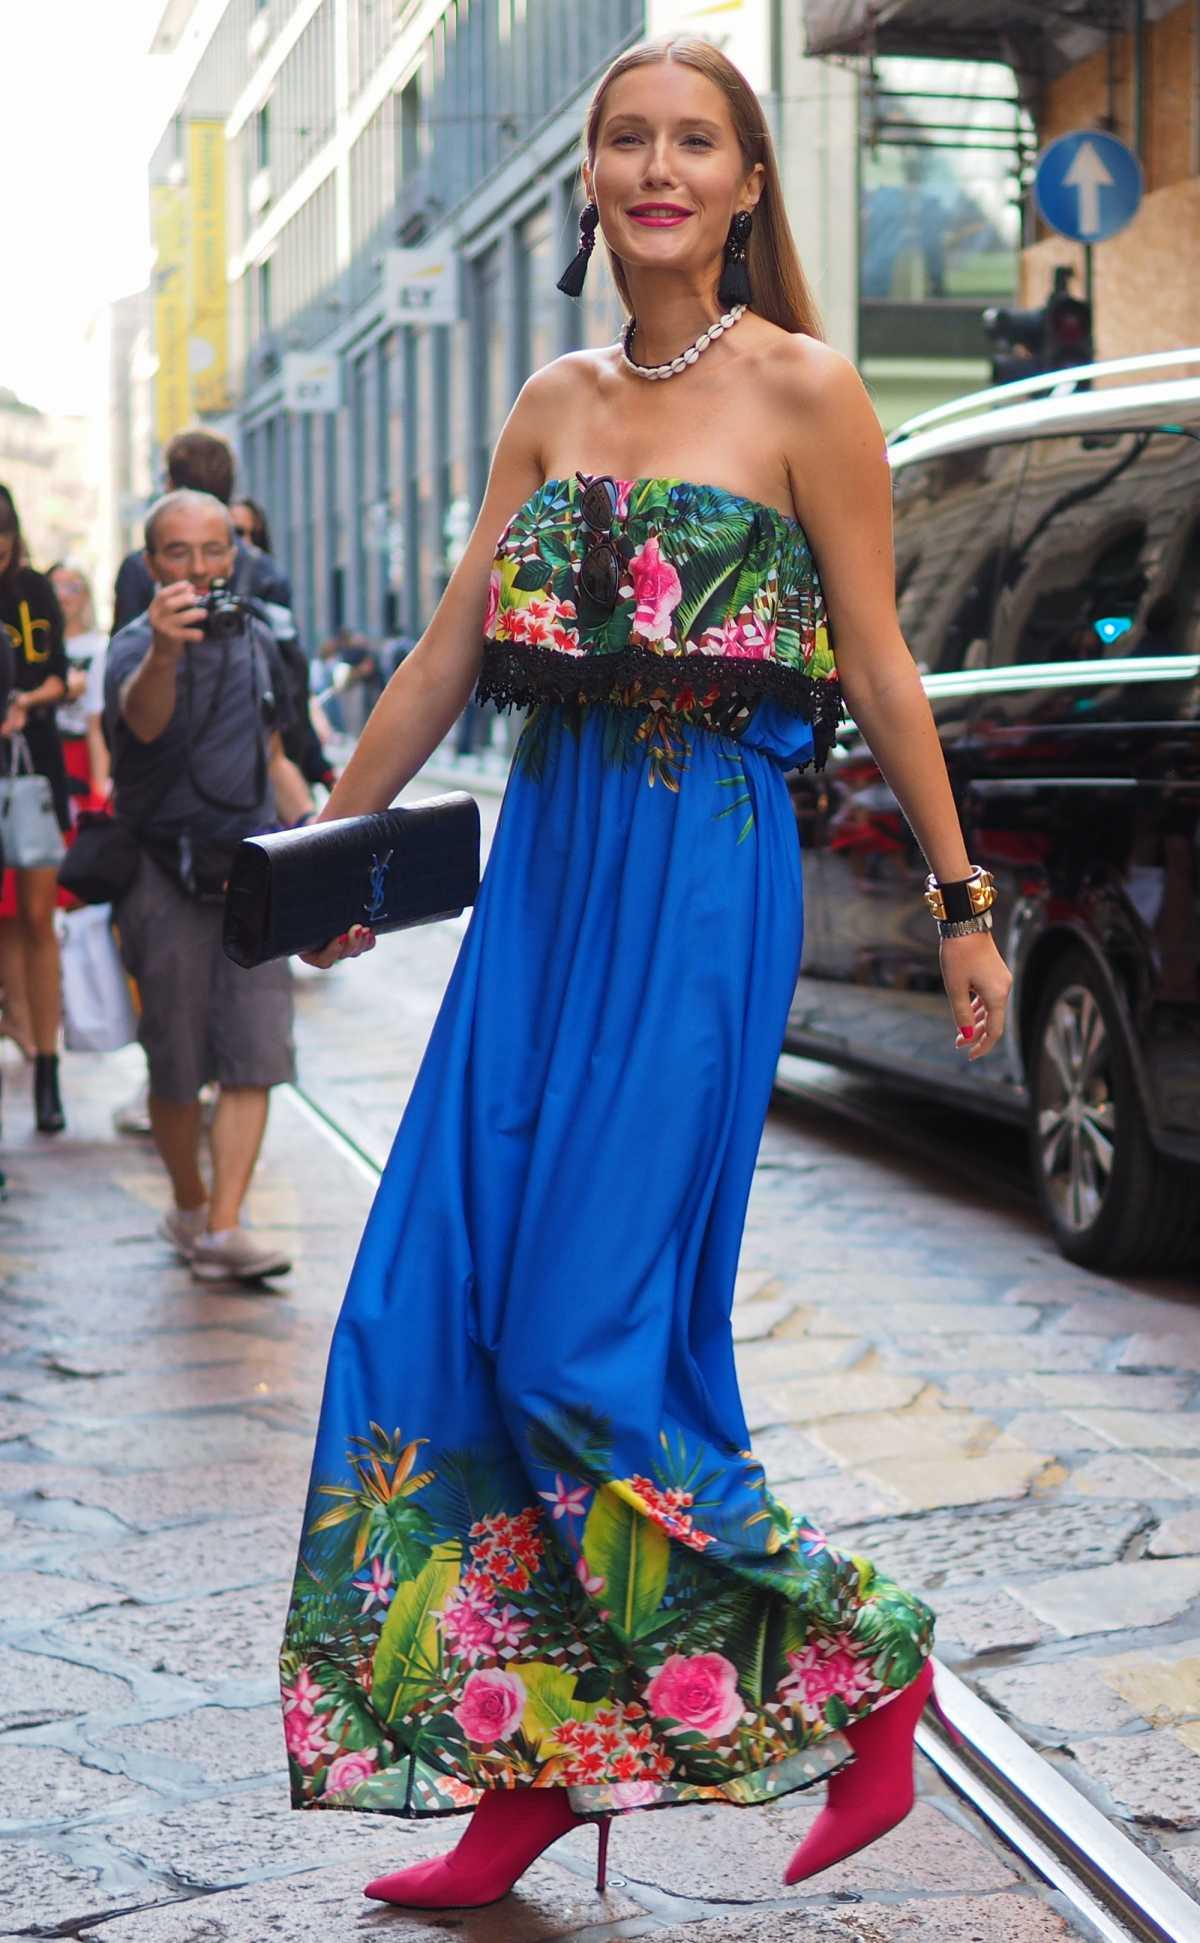 vestido azul com flores na barra